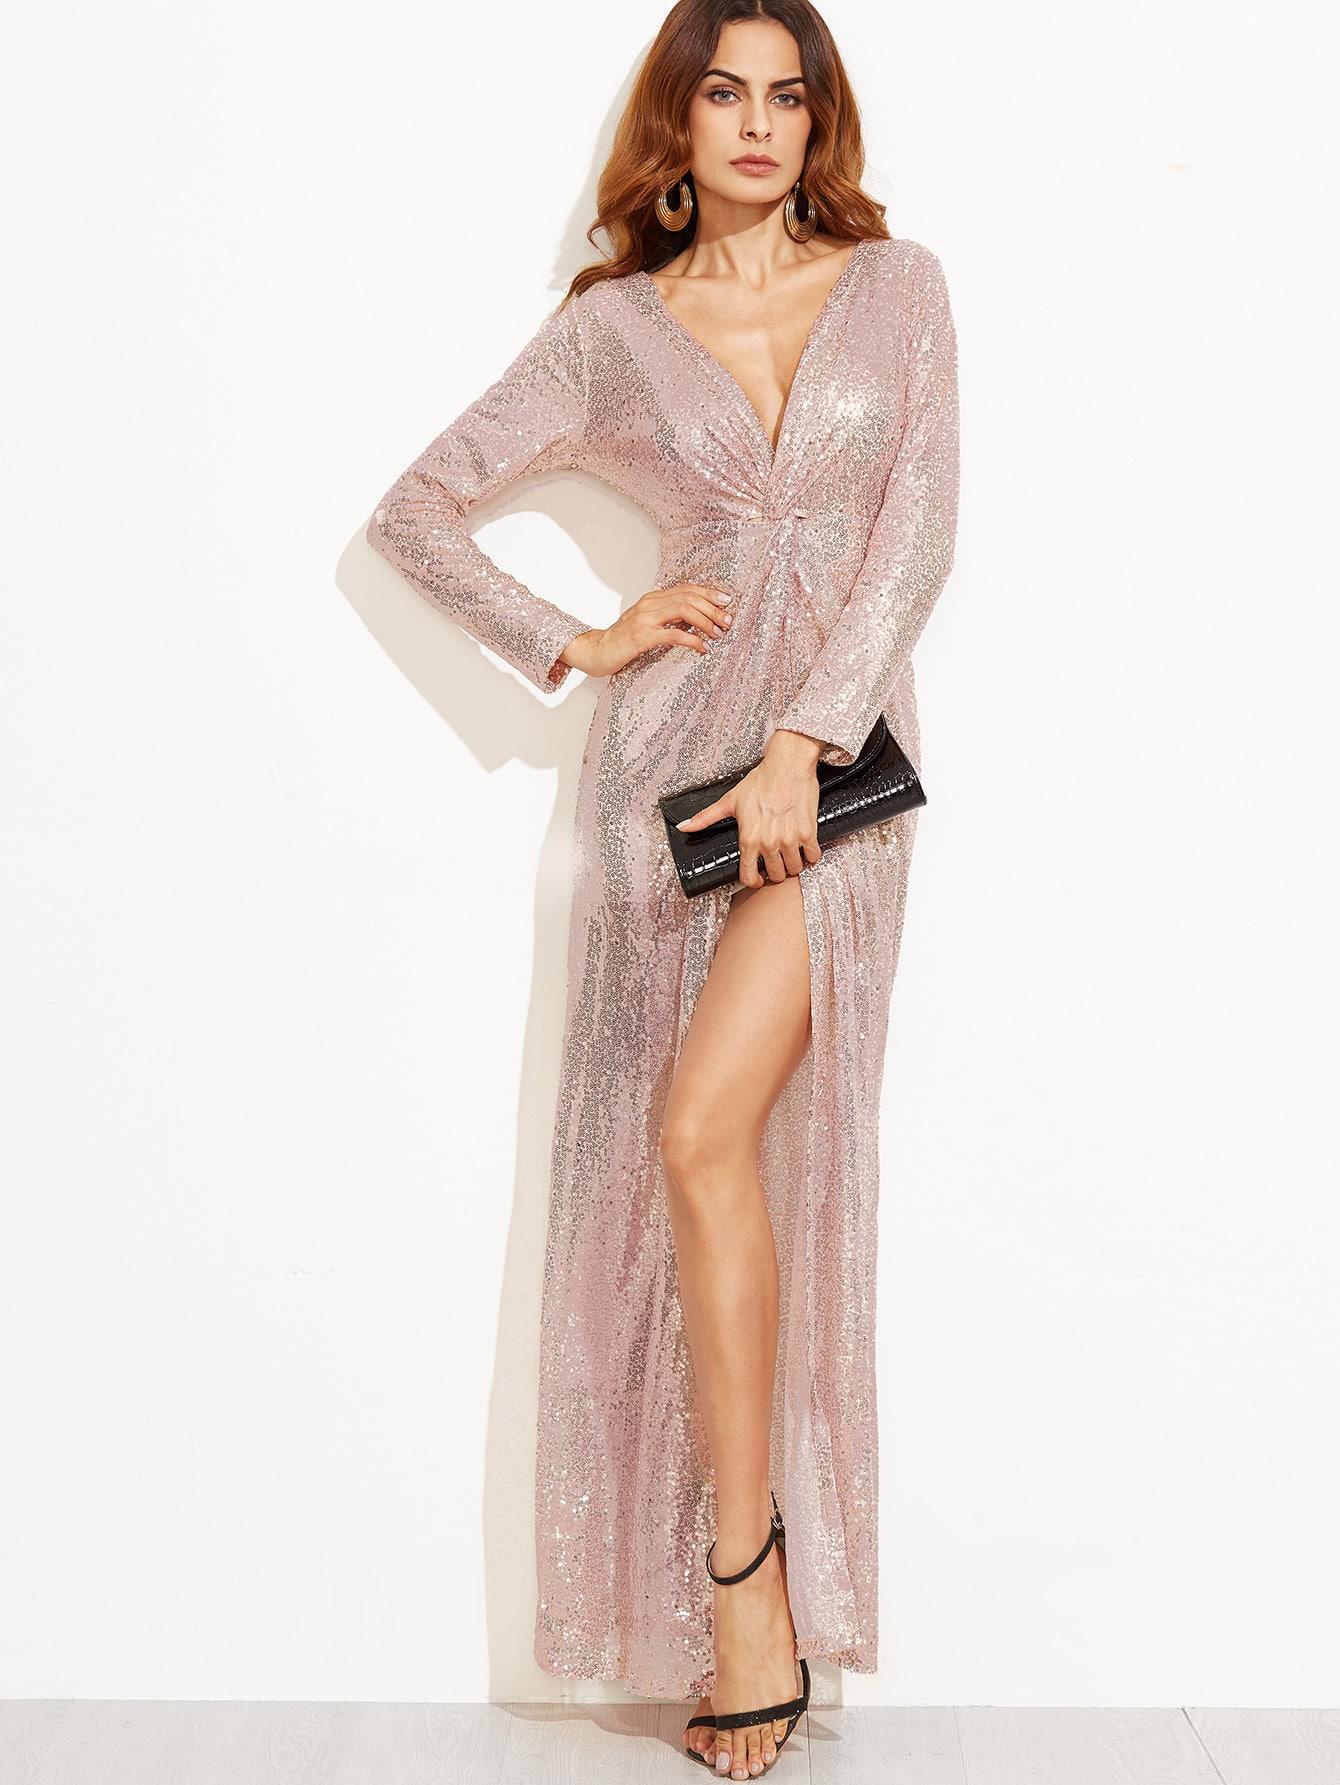 dress160908302_2